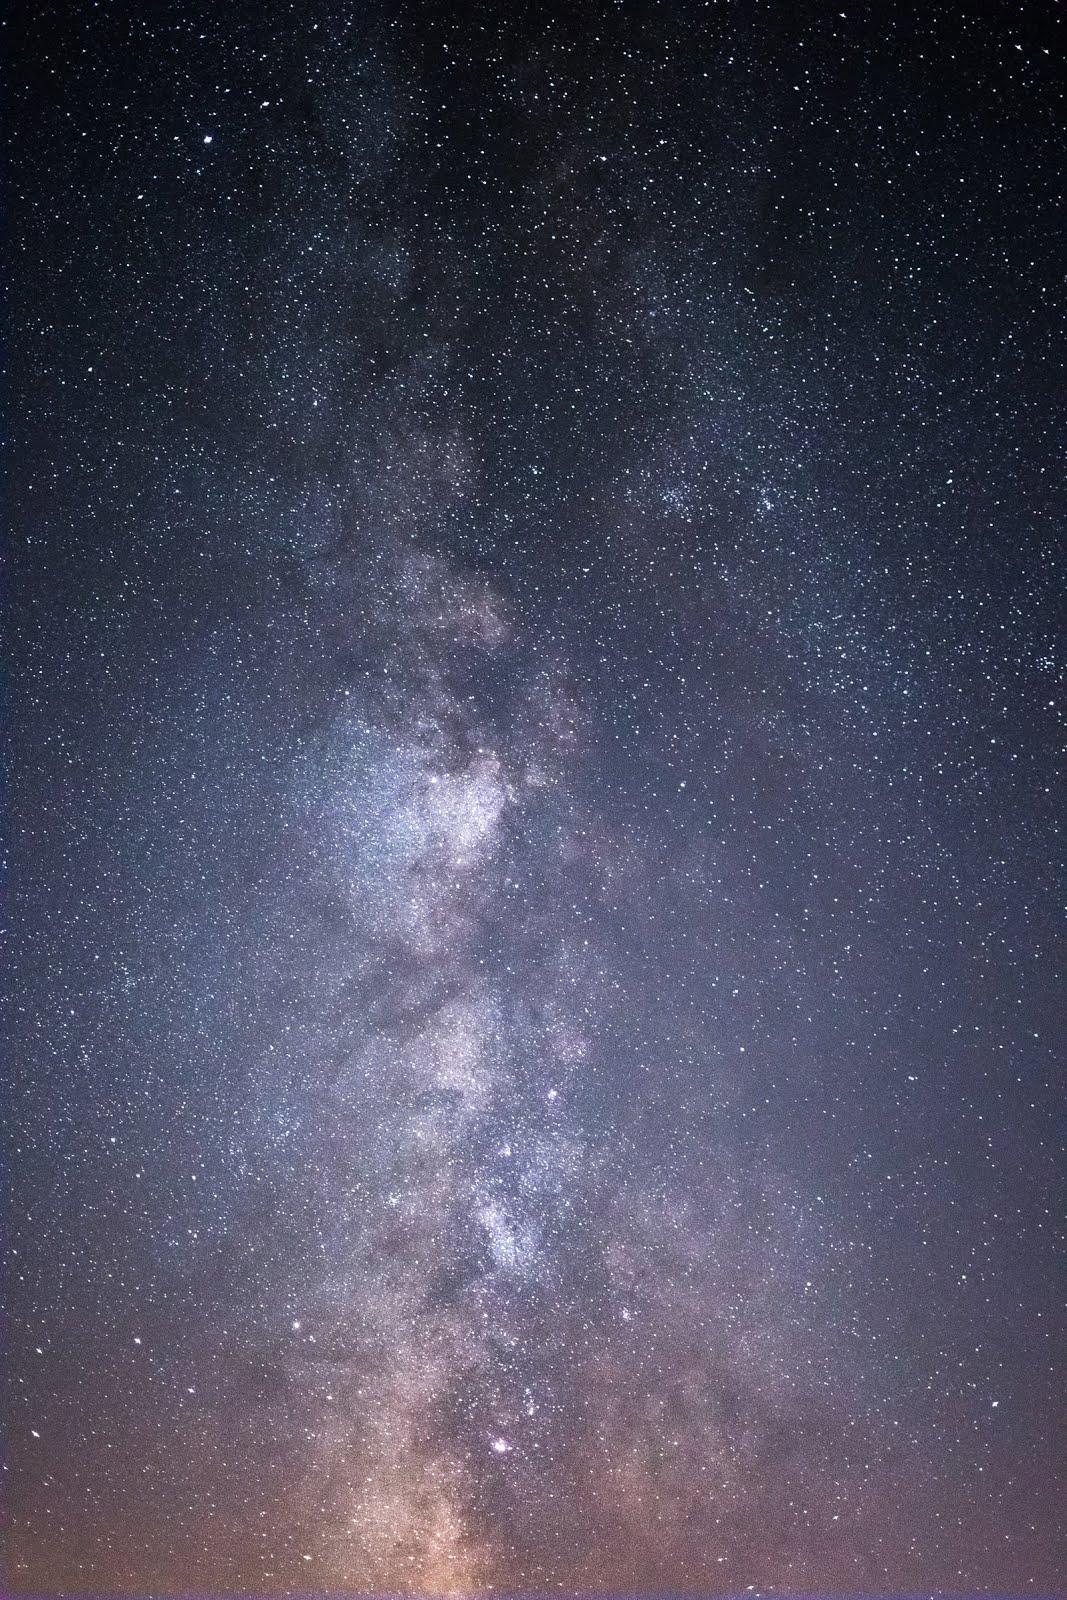 خلفية النجوم المضيئة - خلفيات ايفون فضاء